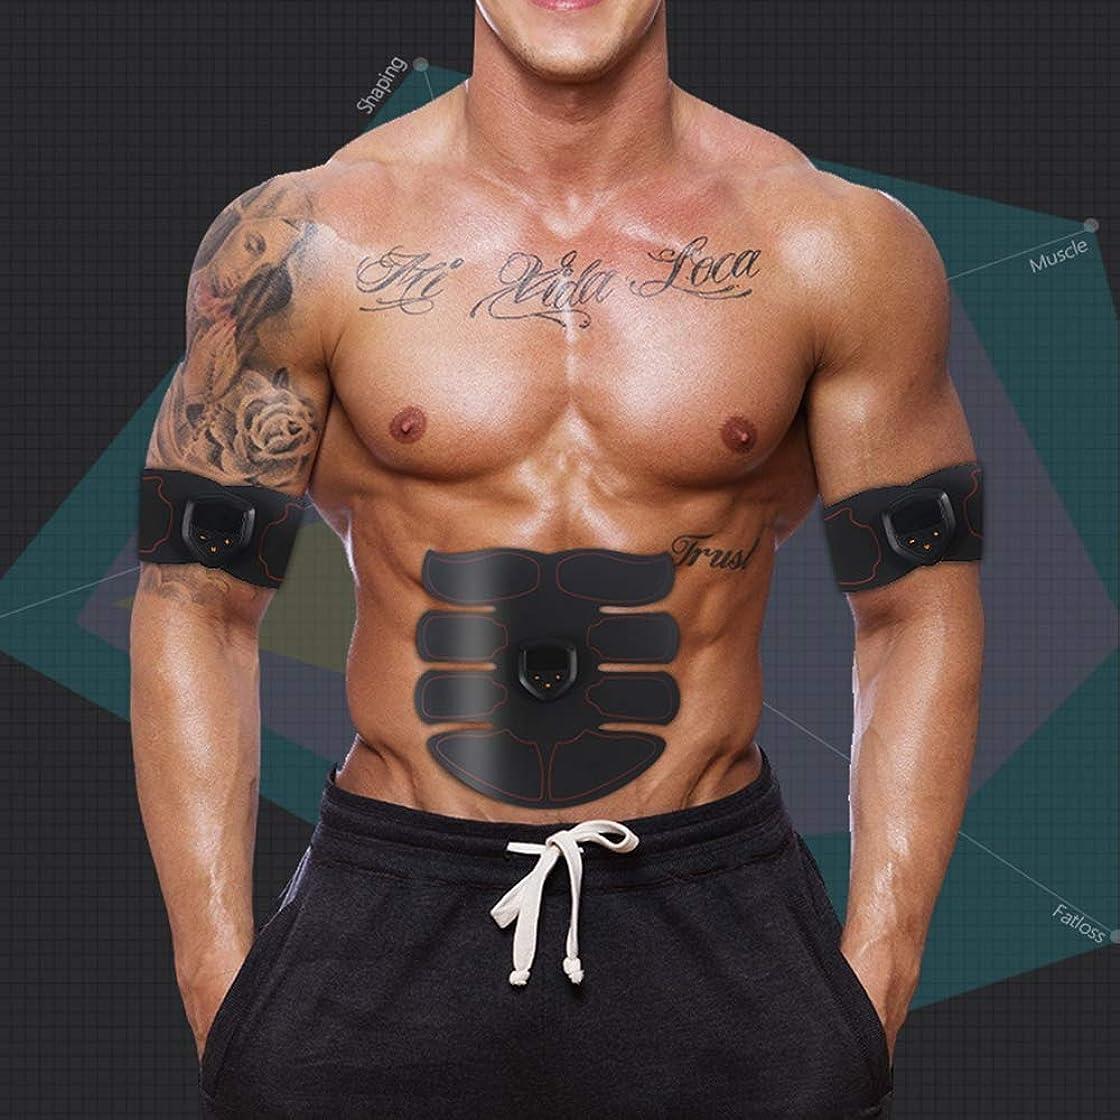 押し下げる労働者未就学スマート腹部usb充電式筋肉刺激装置ems absトレーナー減量機フルウエストスポーツマッサージャーユニセックスフィットネス機器